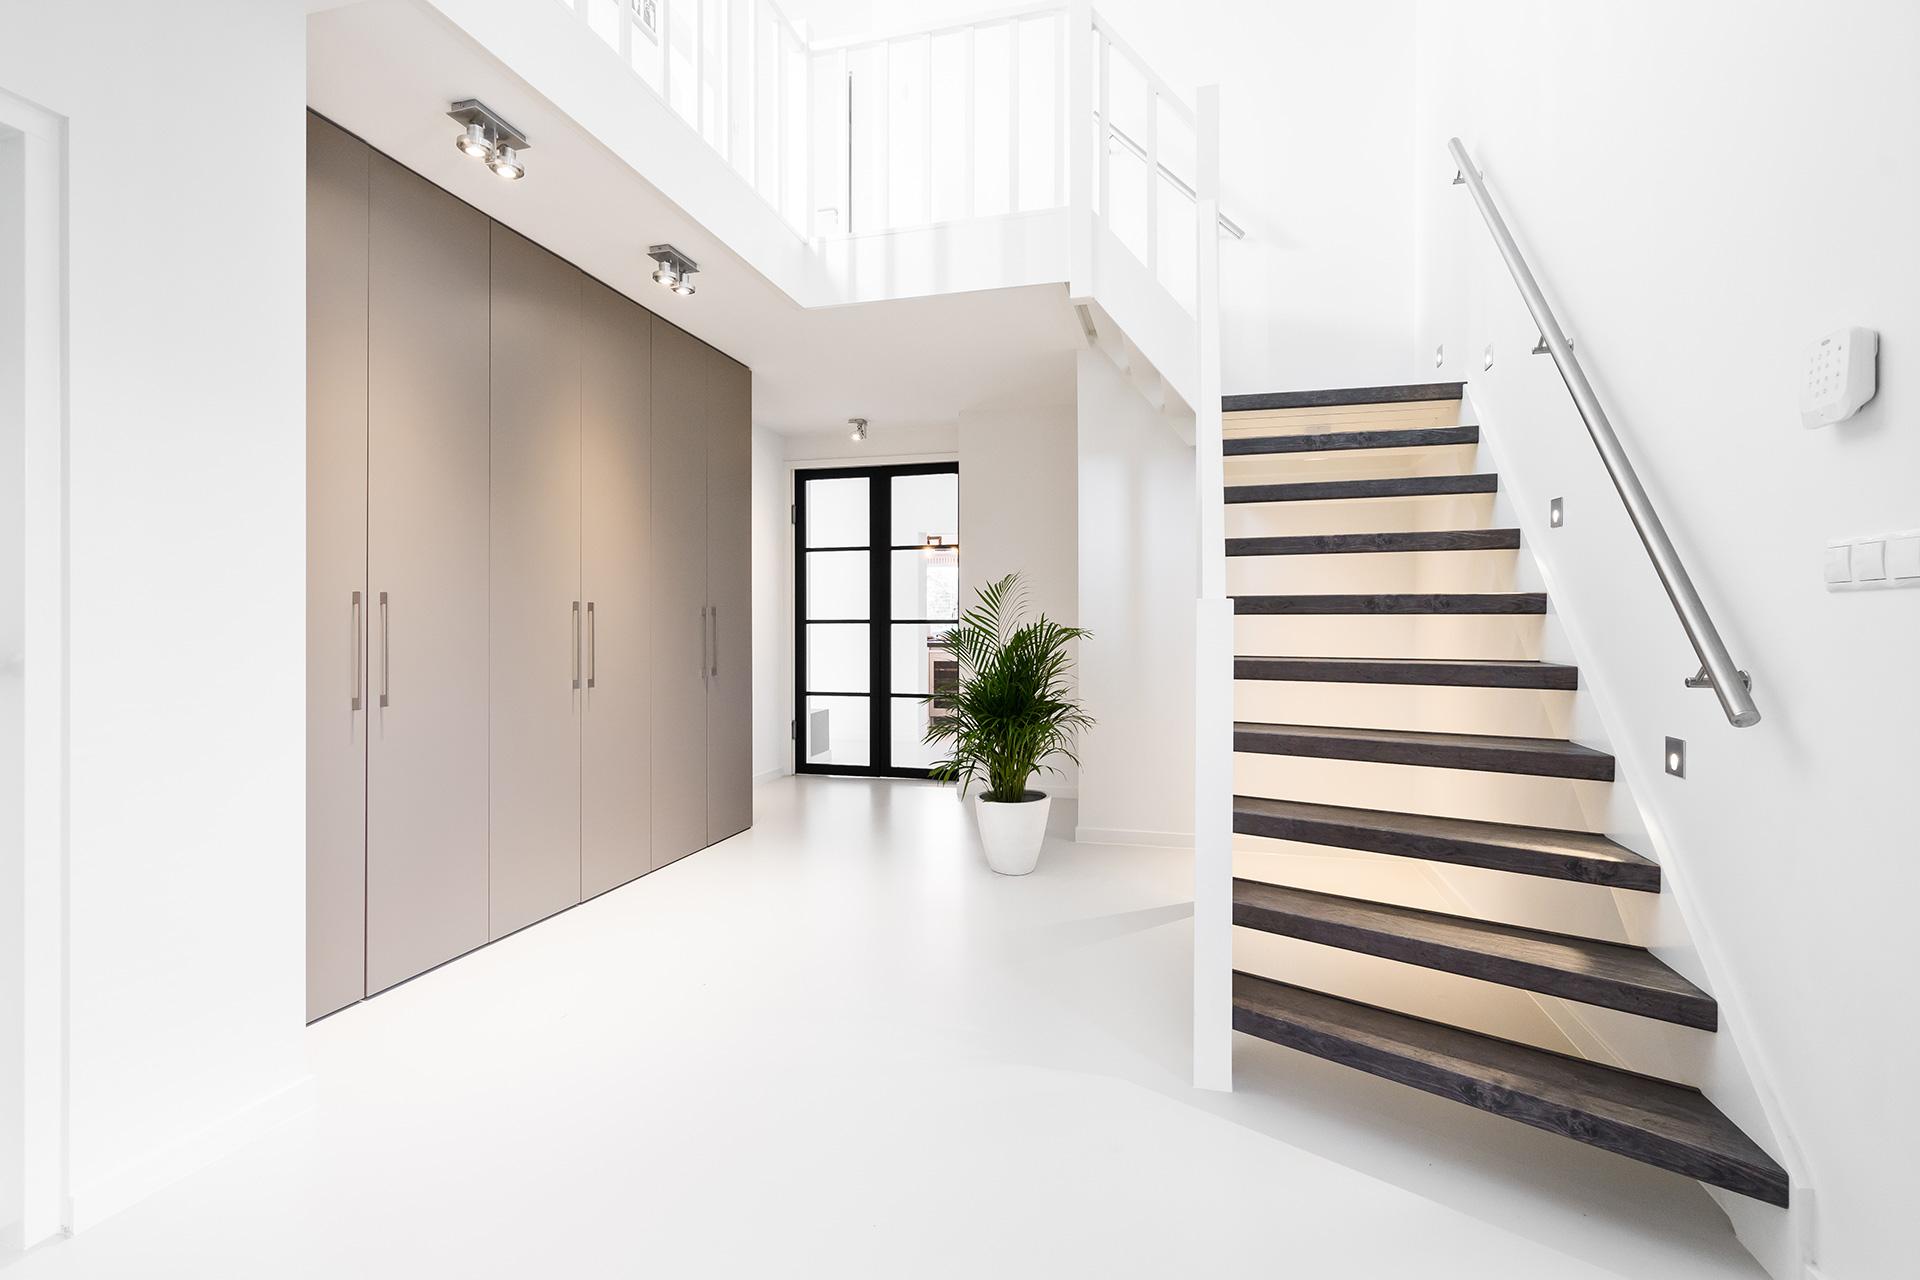 Neubau und Treppenrenovierung durch Treppen-Experte